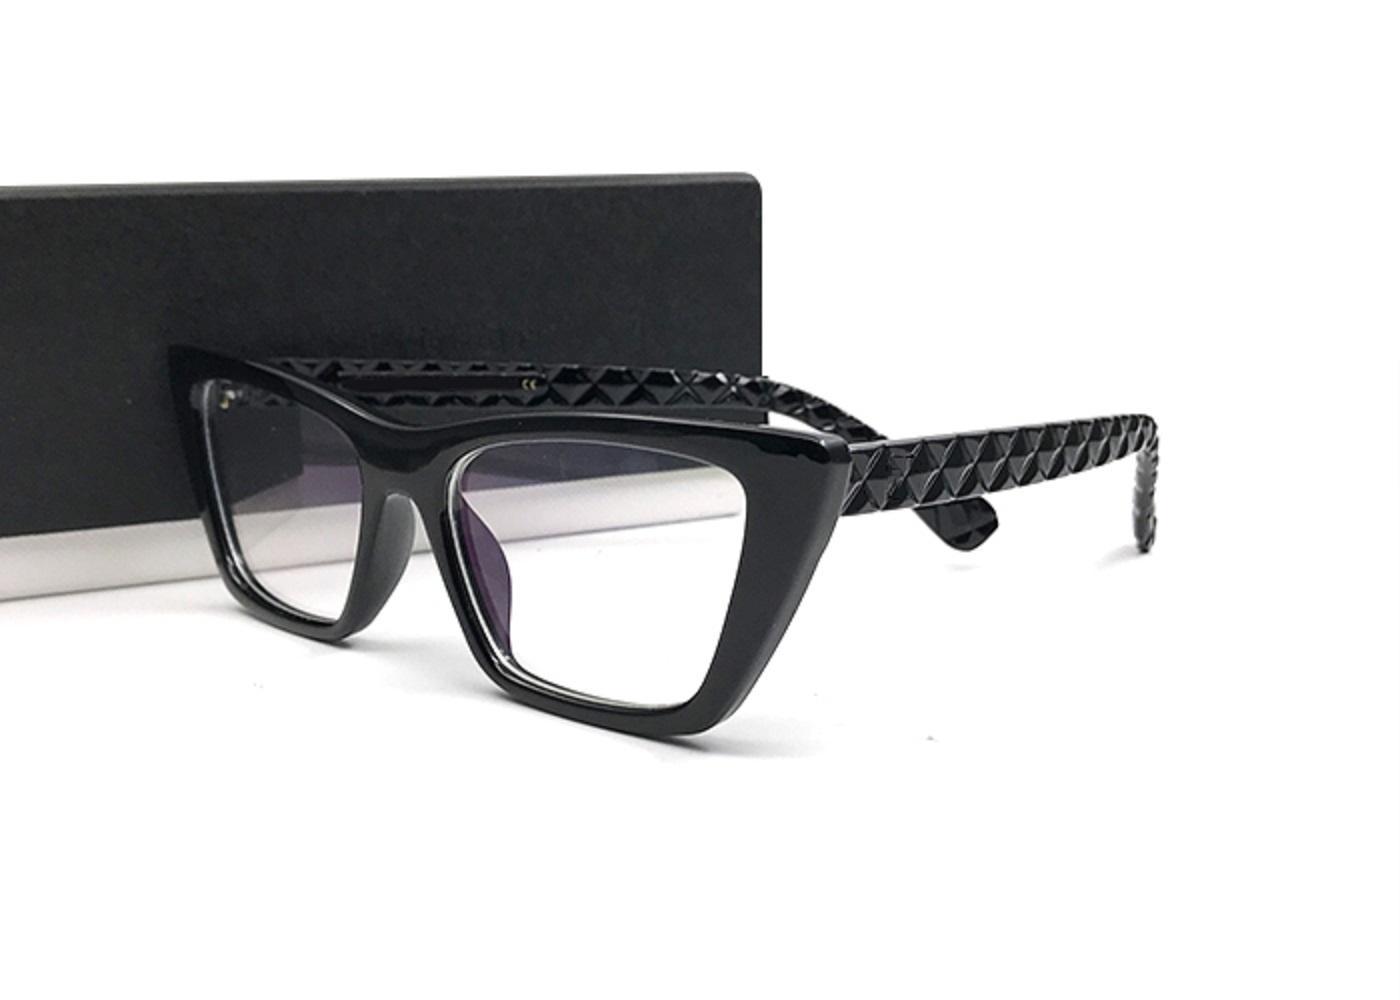 الأزياء القط العين إطار نظارات المرأة عادي مرآة نظارات نظارات الكمبيوتر قصر النظر الأطر البصرية النظارات اللينات الدنيا oculos مع مربع